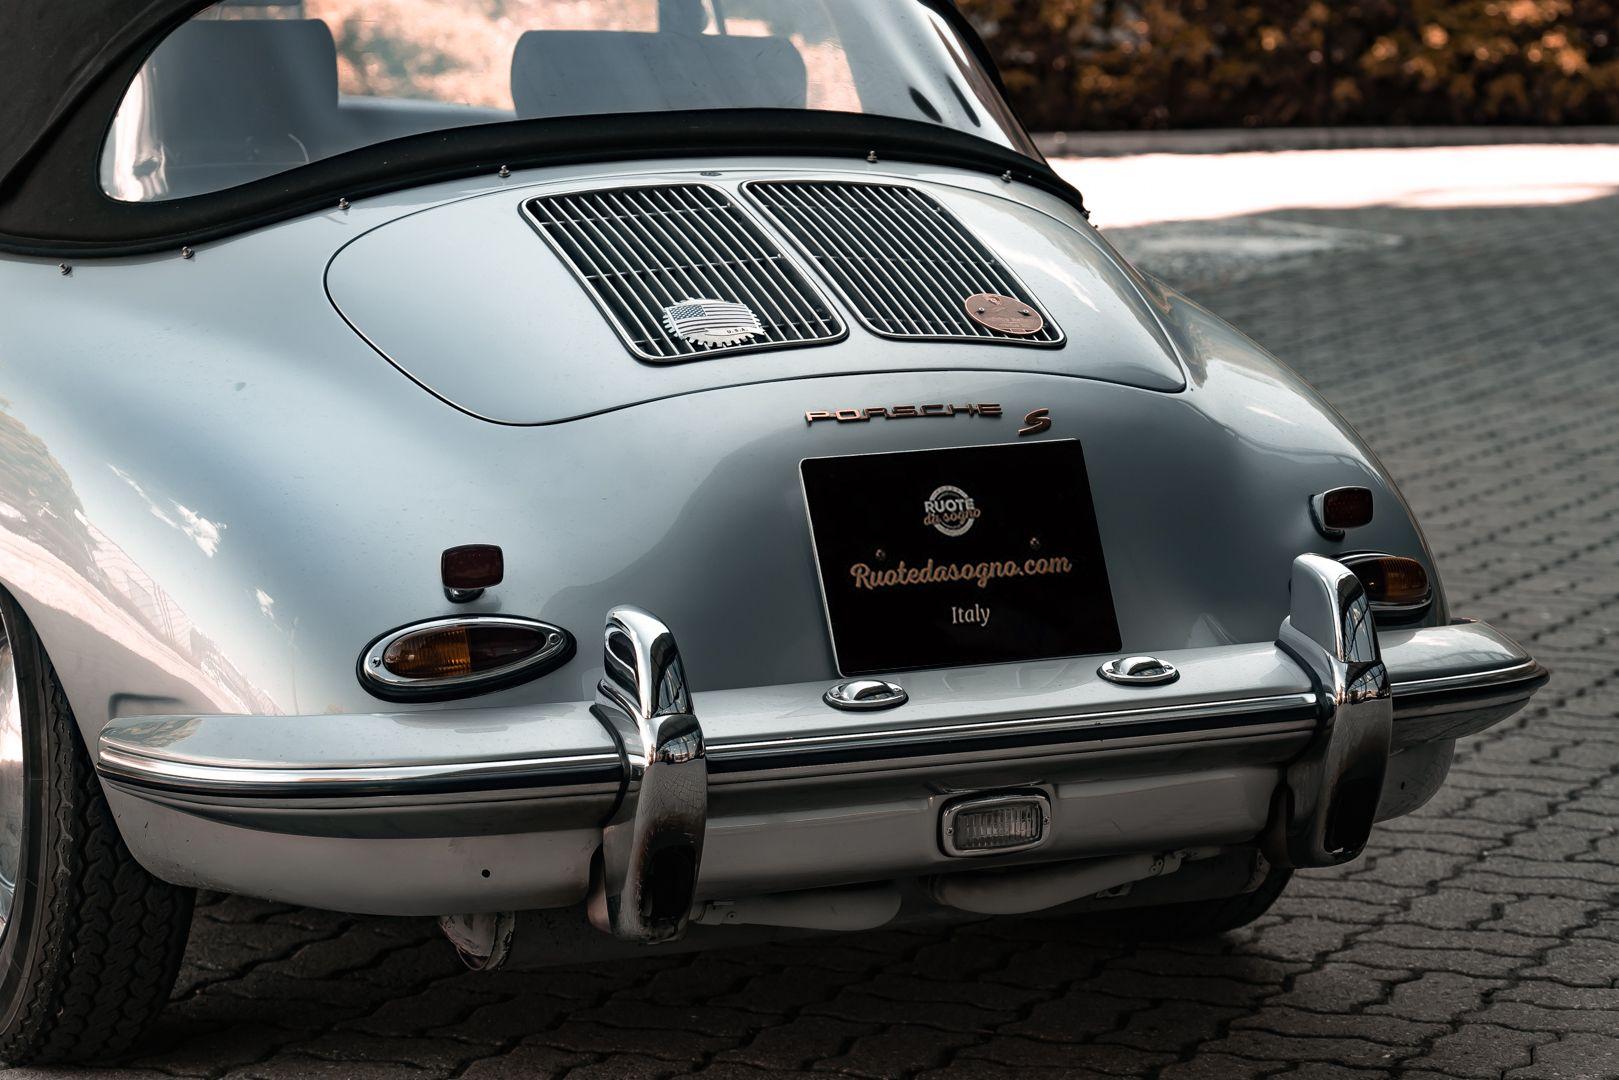 1963 Porsche 356 B 1600 S Cabriolet 76220